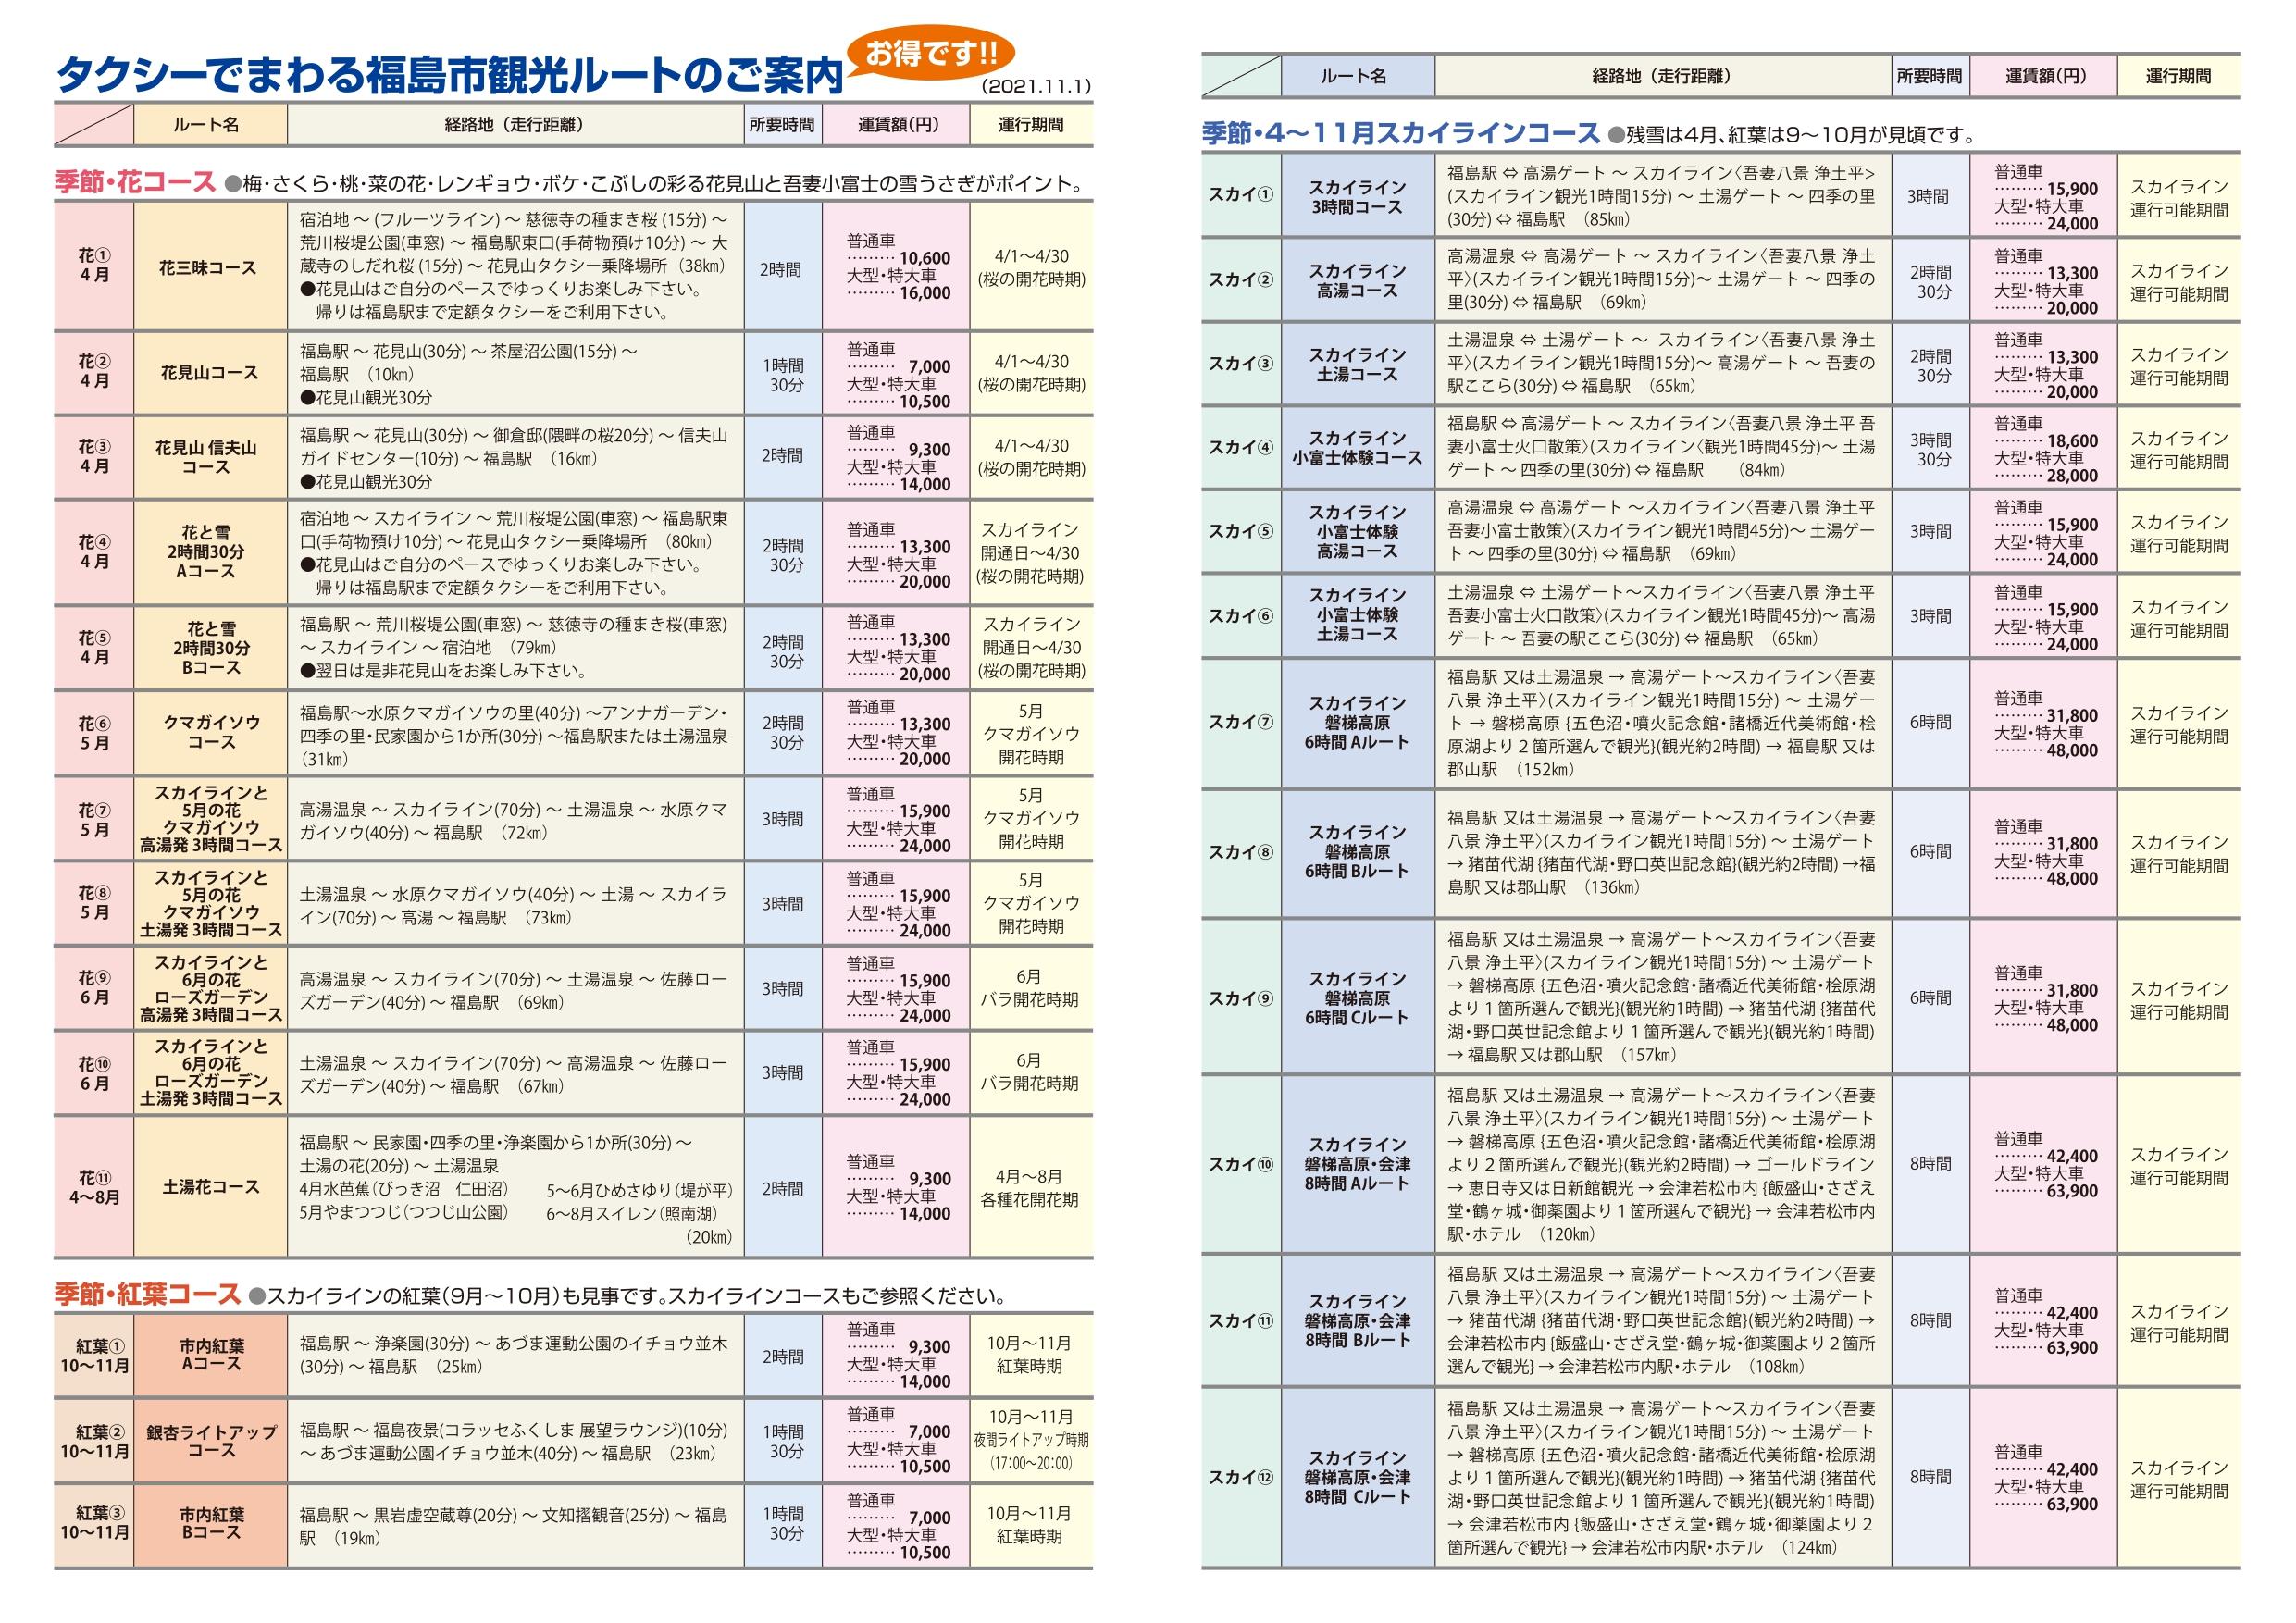 タクシーでまわる福島市観光ルートのご案内(花・紅葉・スカイライン))